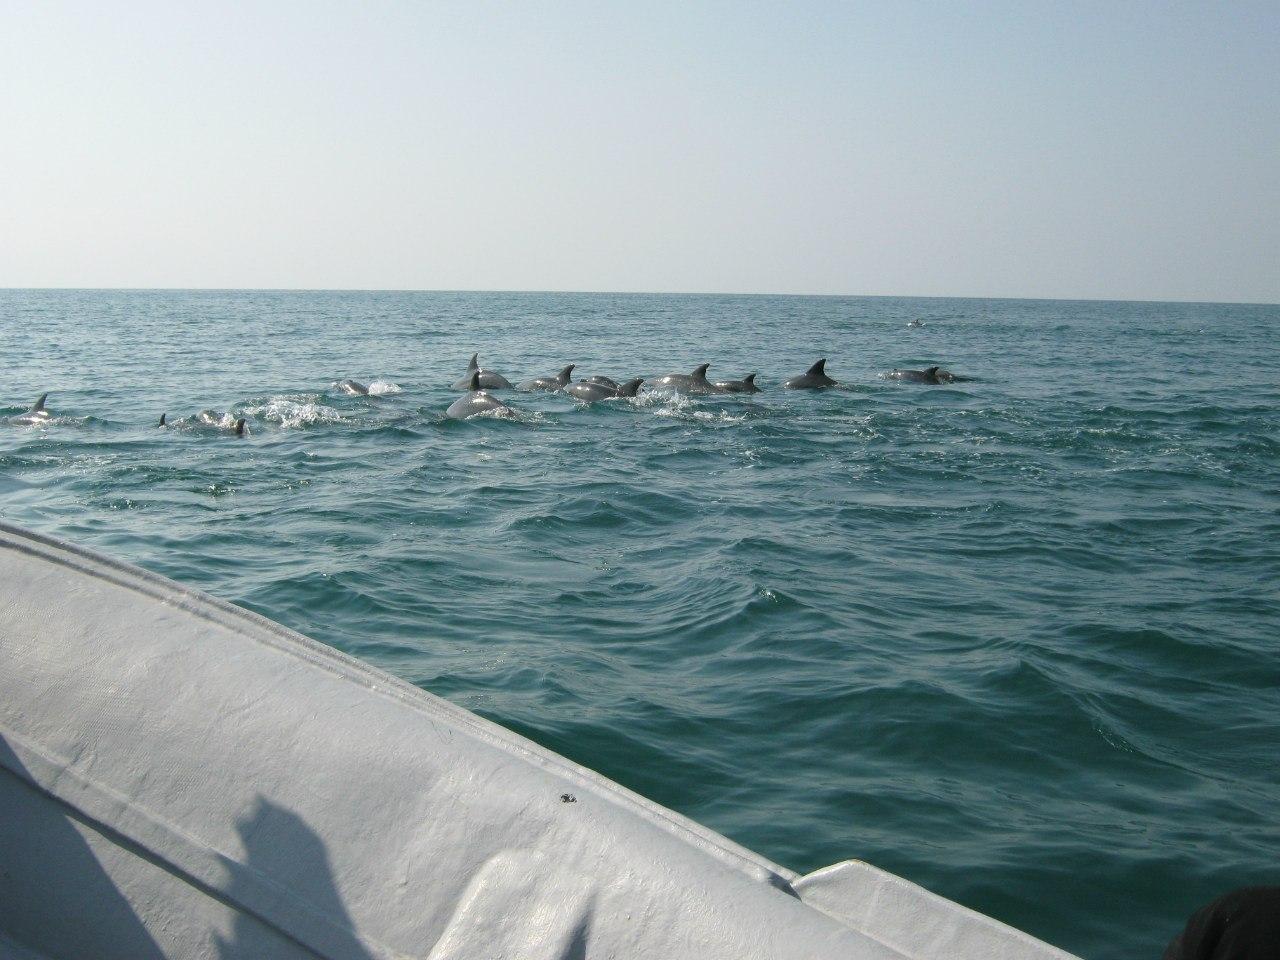 зрелище с дельфинами между островами Кешм и Хинган